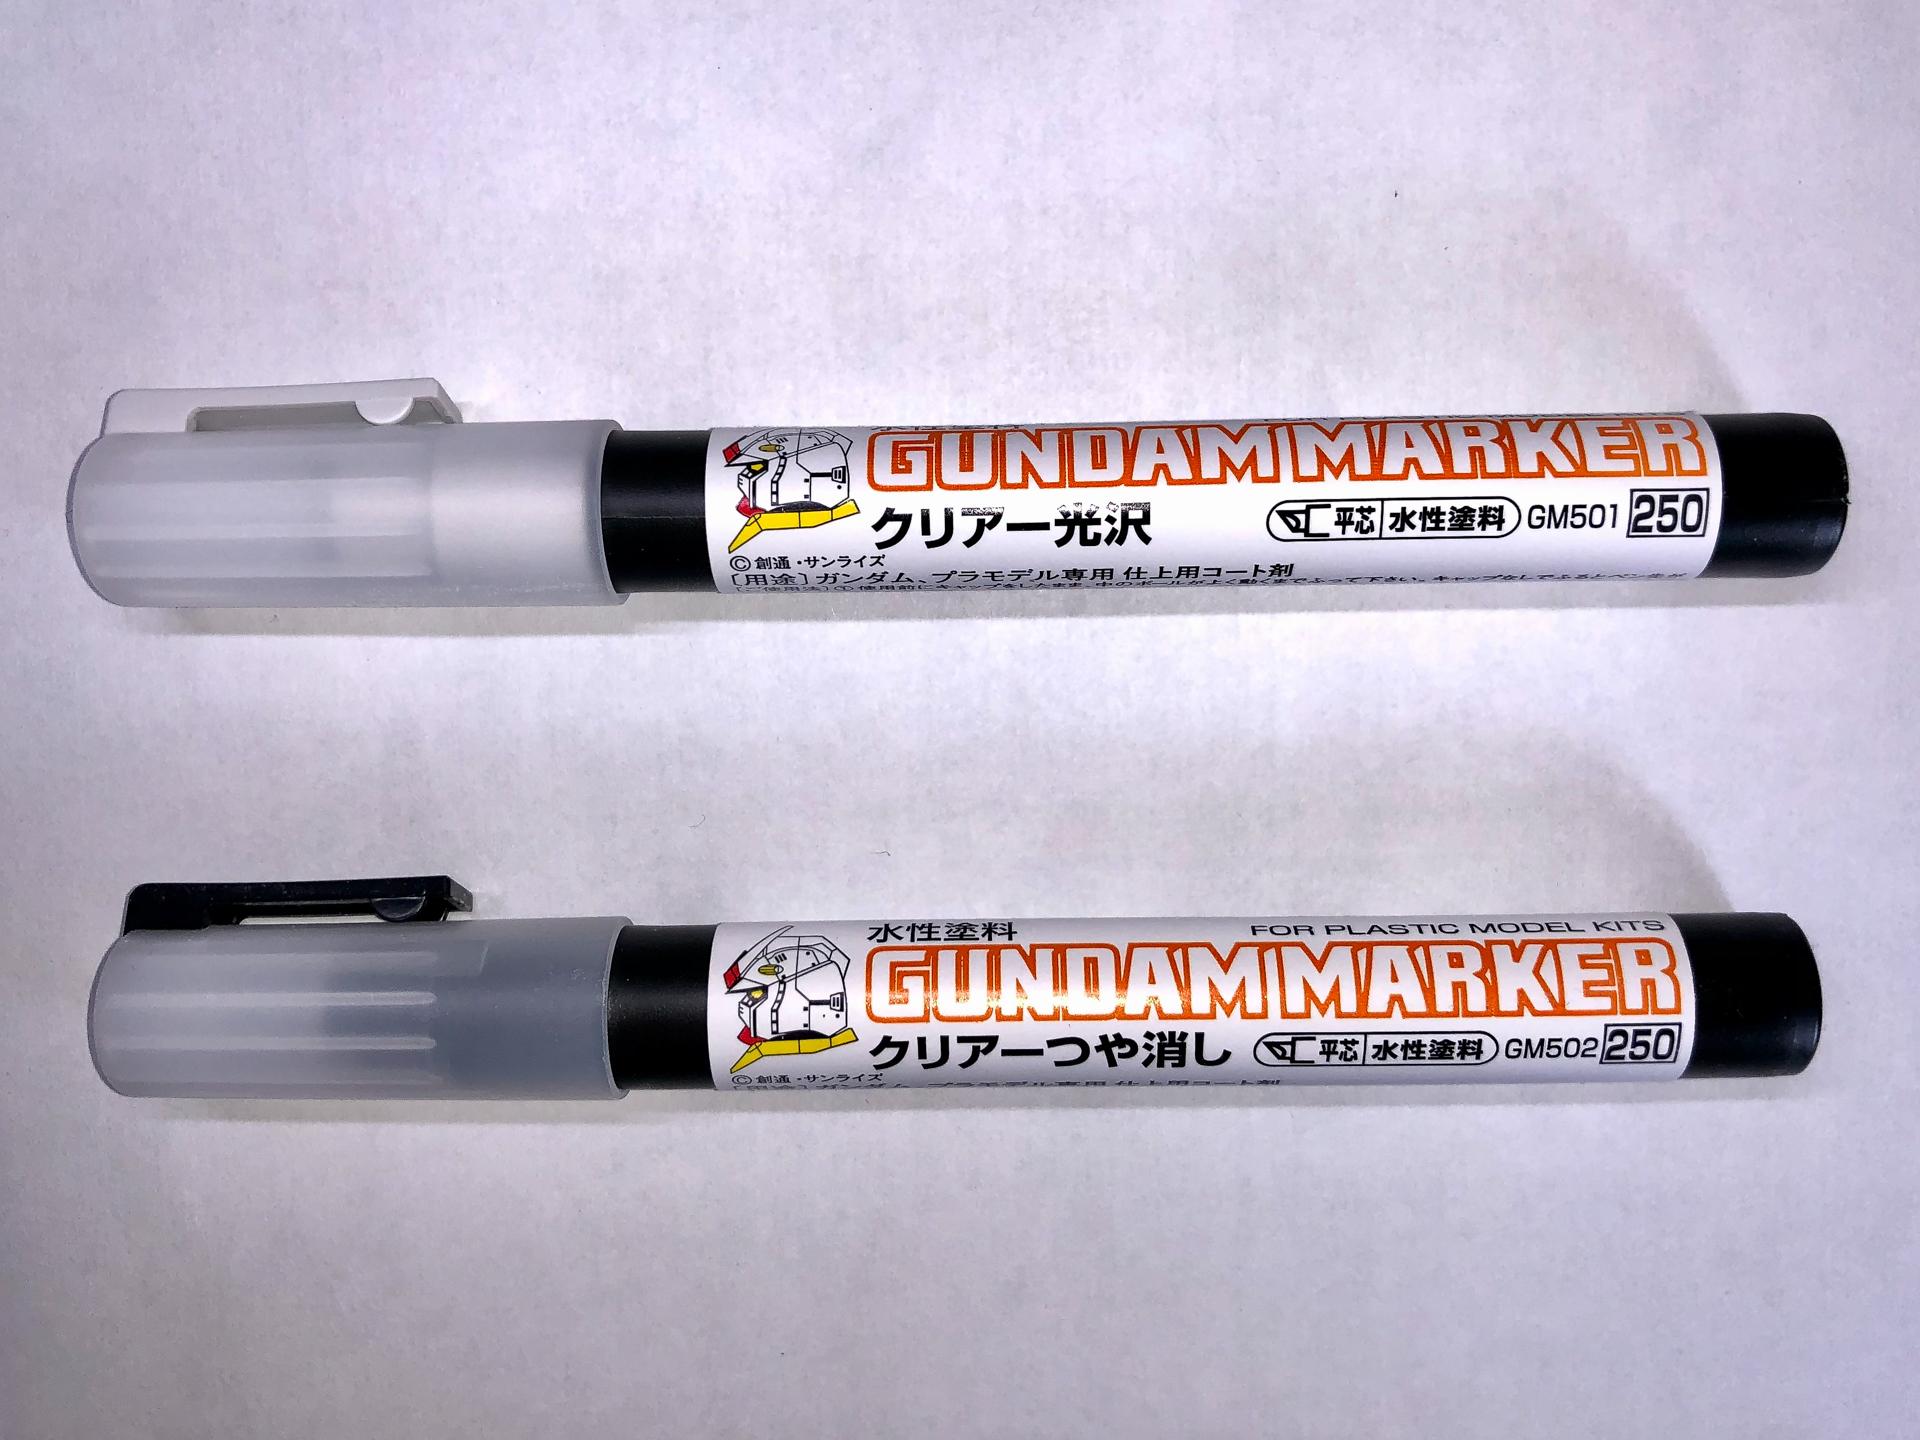 新発売の「ガンダムマーカー クリアー」。「ガンダムマーカーエアブラシシステム」で使用するためにマーカー型容器になったような形になっています。